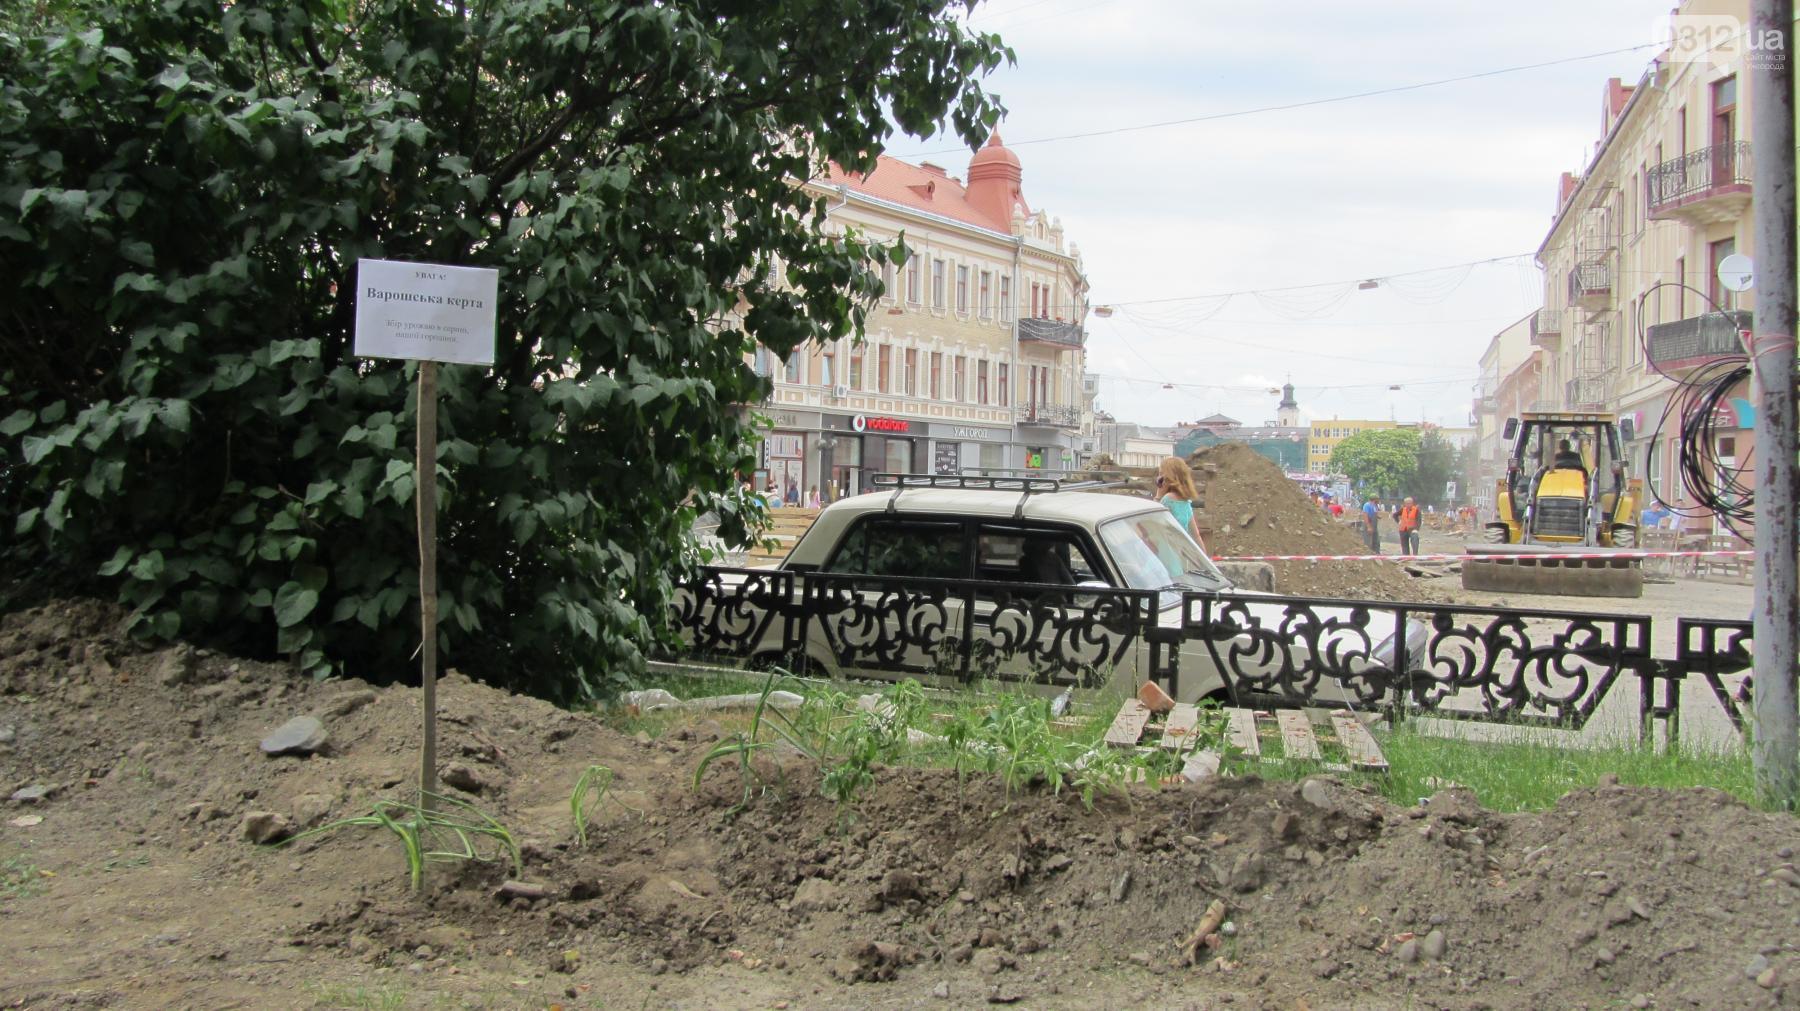 """""""Варишська керта"""": на площі Петефі в Ужгороді висадили помідори та цибулю"""